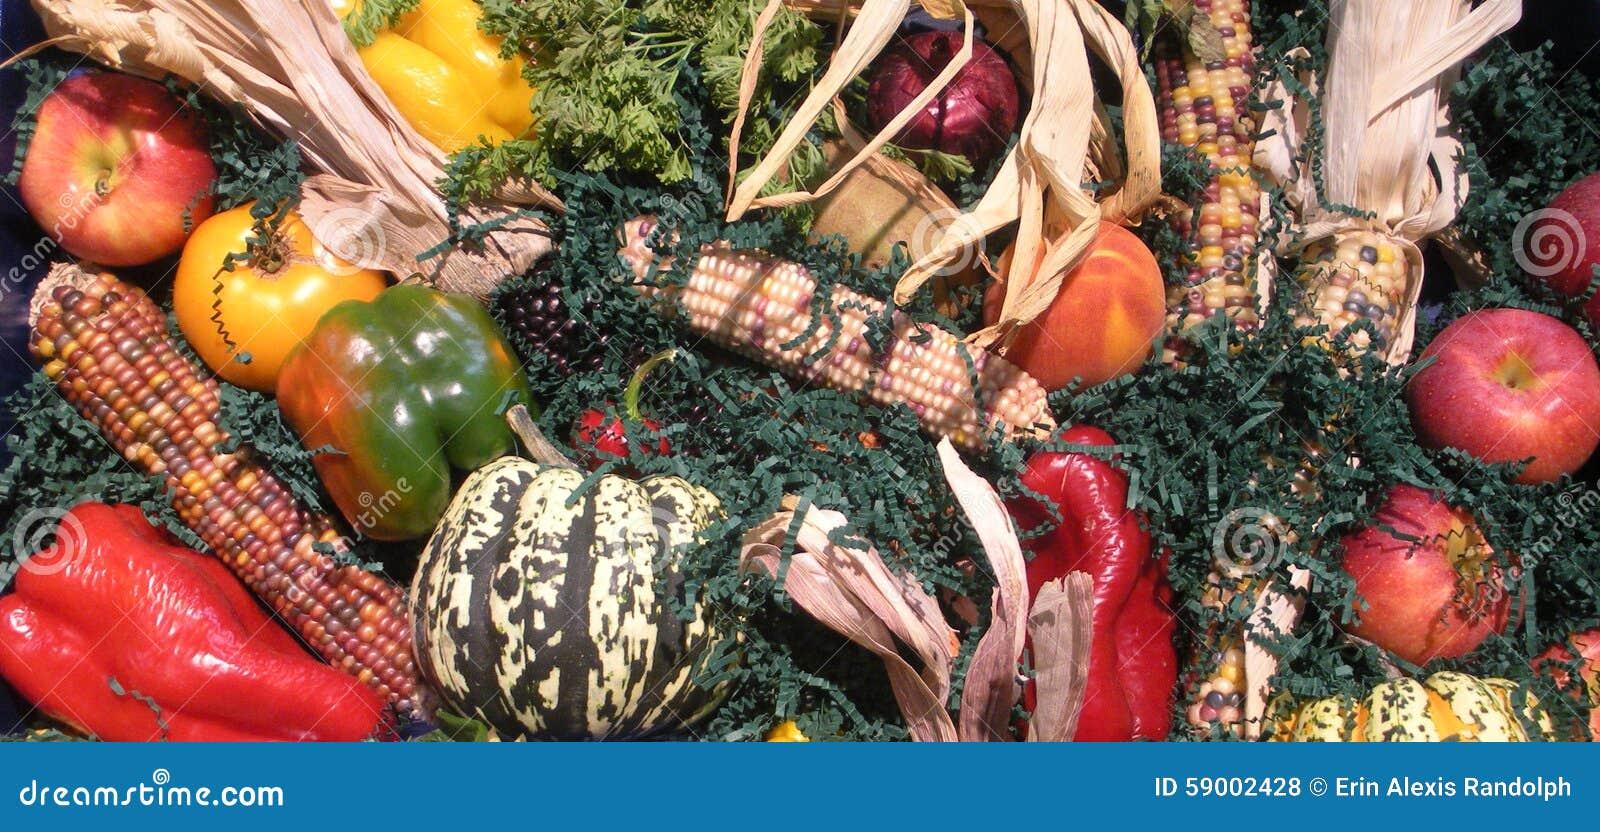 水果和蔬菜拼贴画